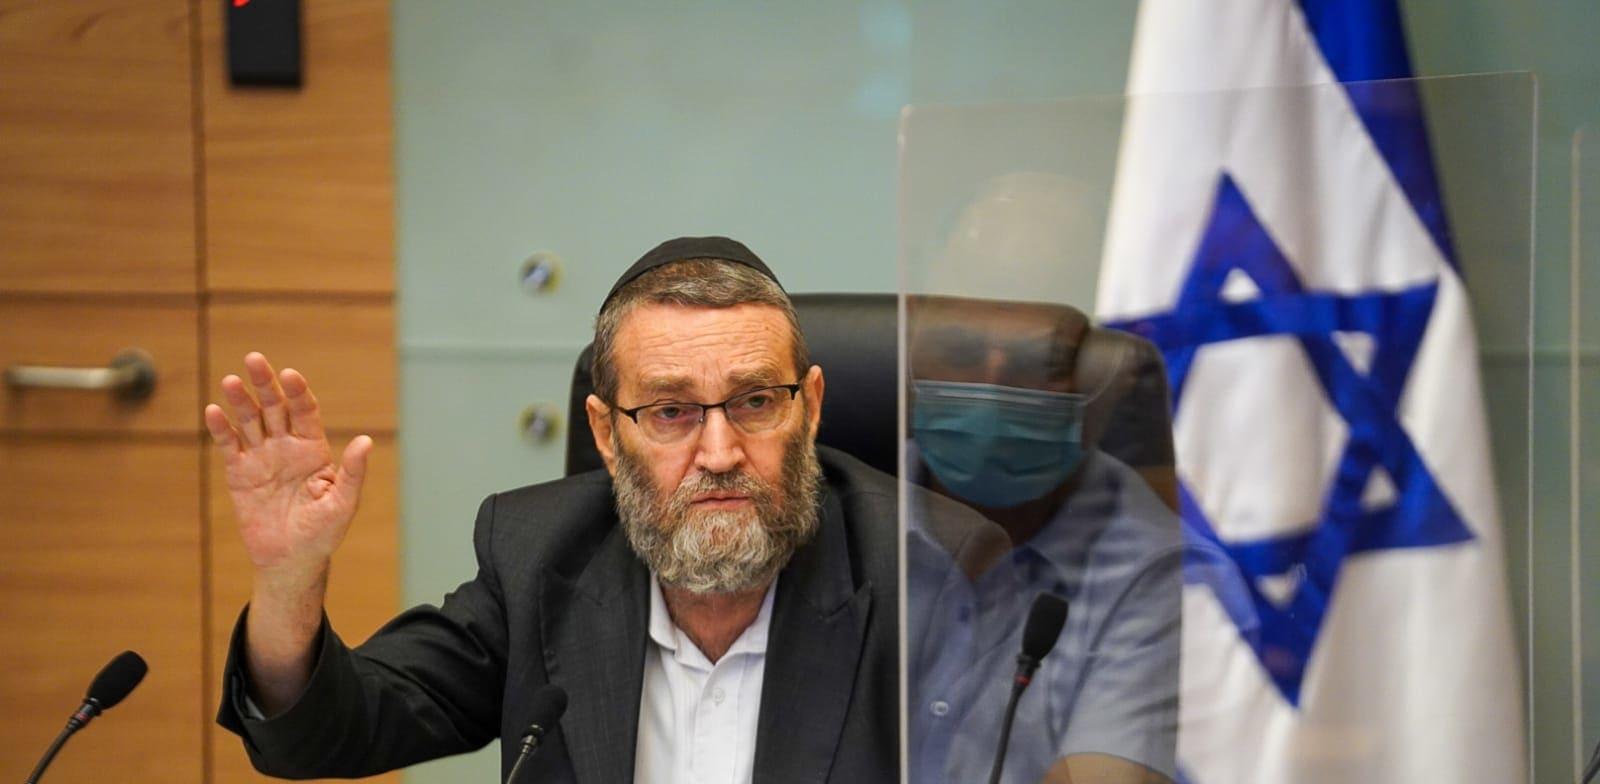 משה גפני בדיון היום (ג') / צילום: נועם מושקוביץ', דוברות הכנסת